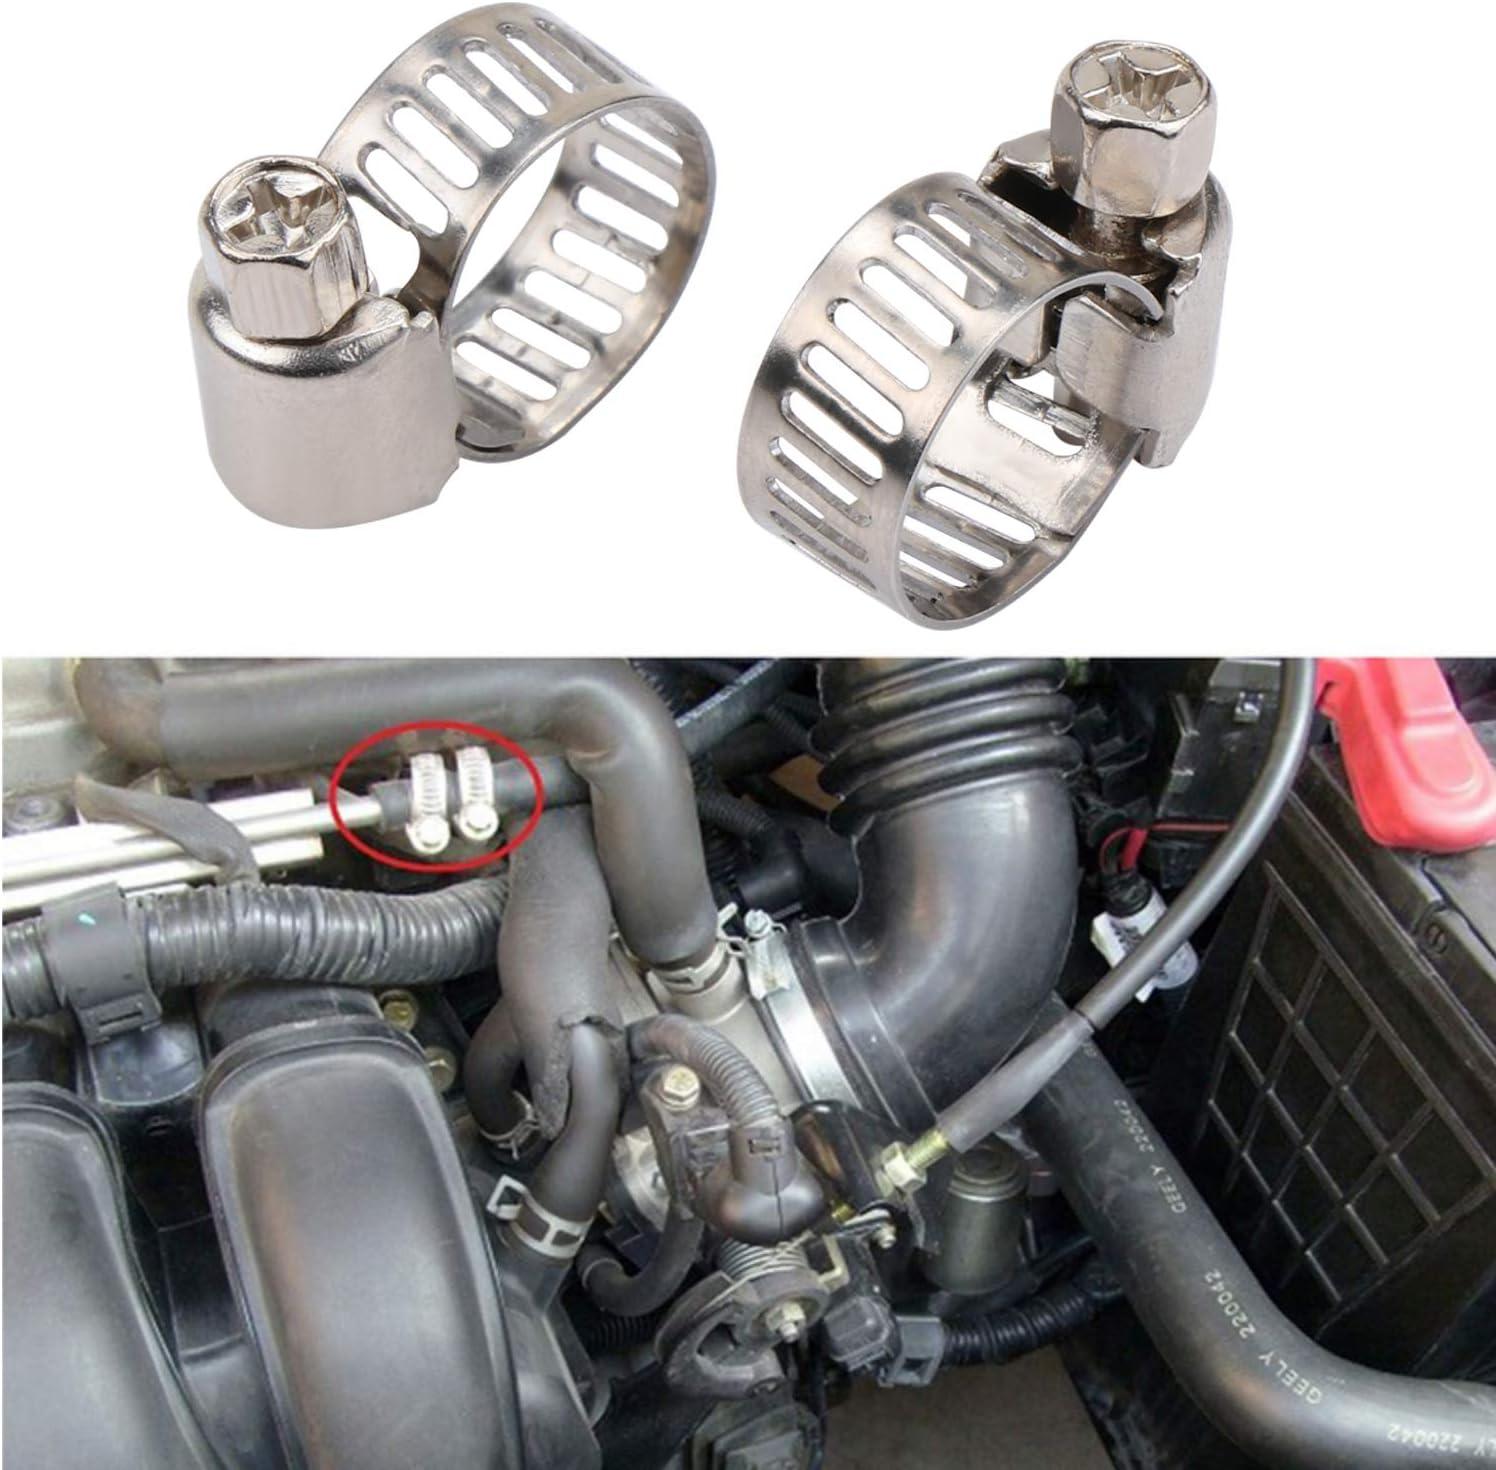 10PCS Clips f/ür Auto Moto Scooter Bike HSEAMALL Motorrad Kraftstofffilter Schlauch Kit 2m Benzinrohr Schlauchleitung 2 St/ück 6mm Benzinfilter